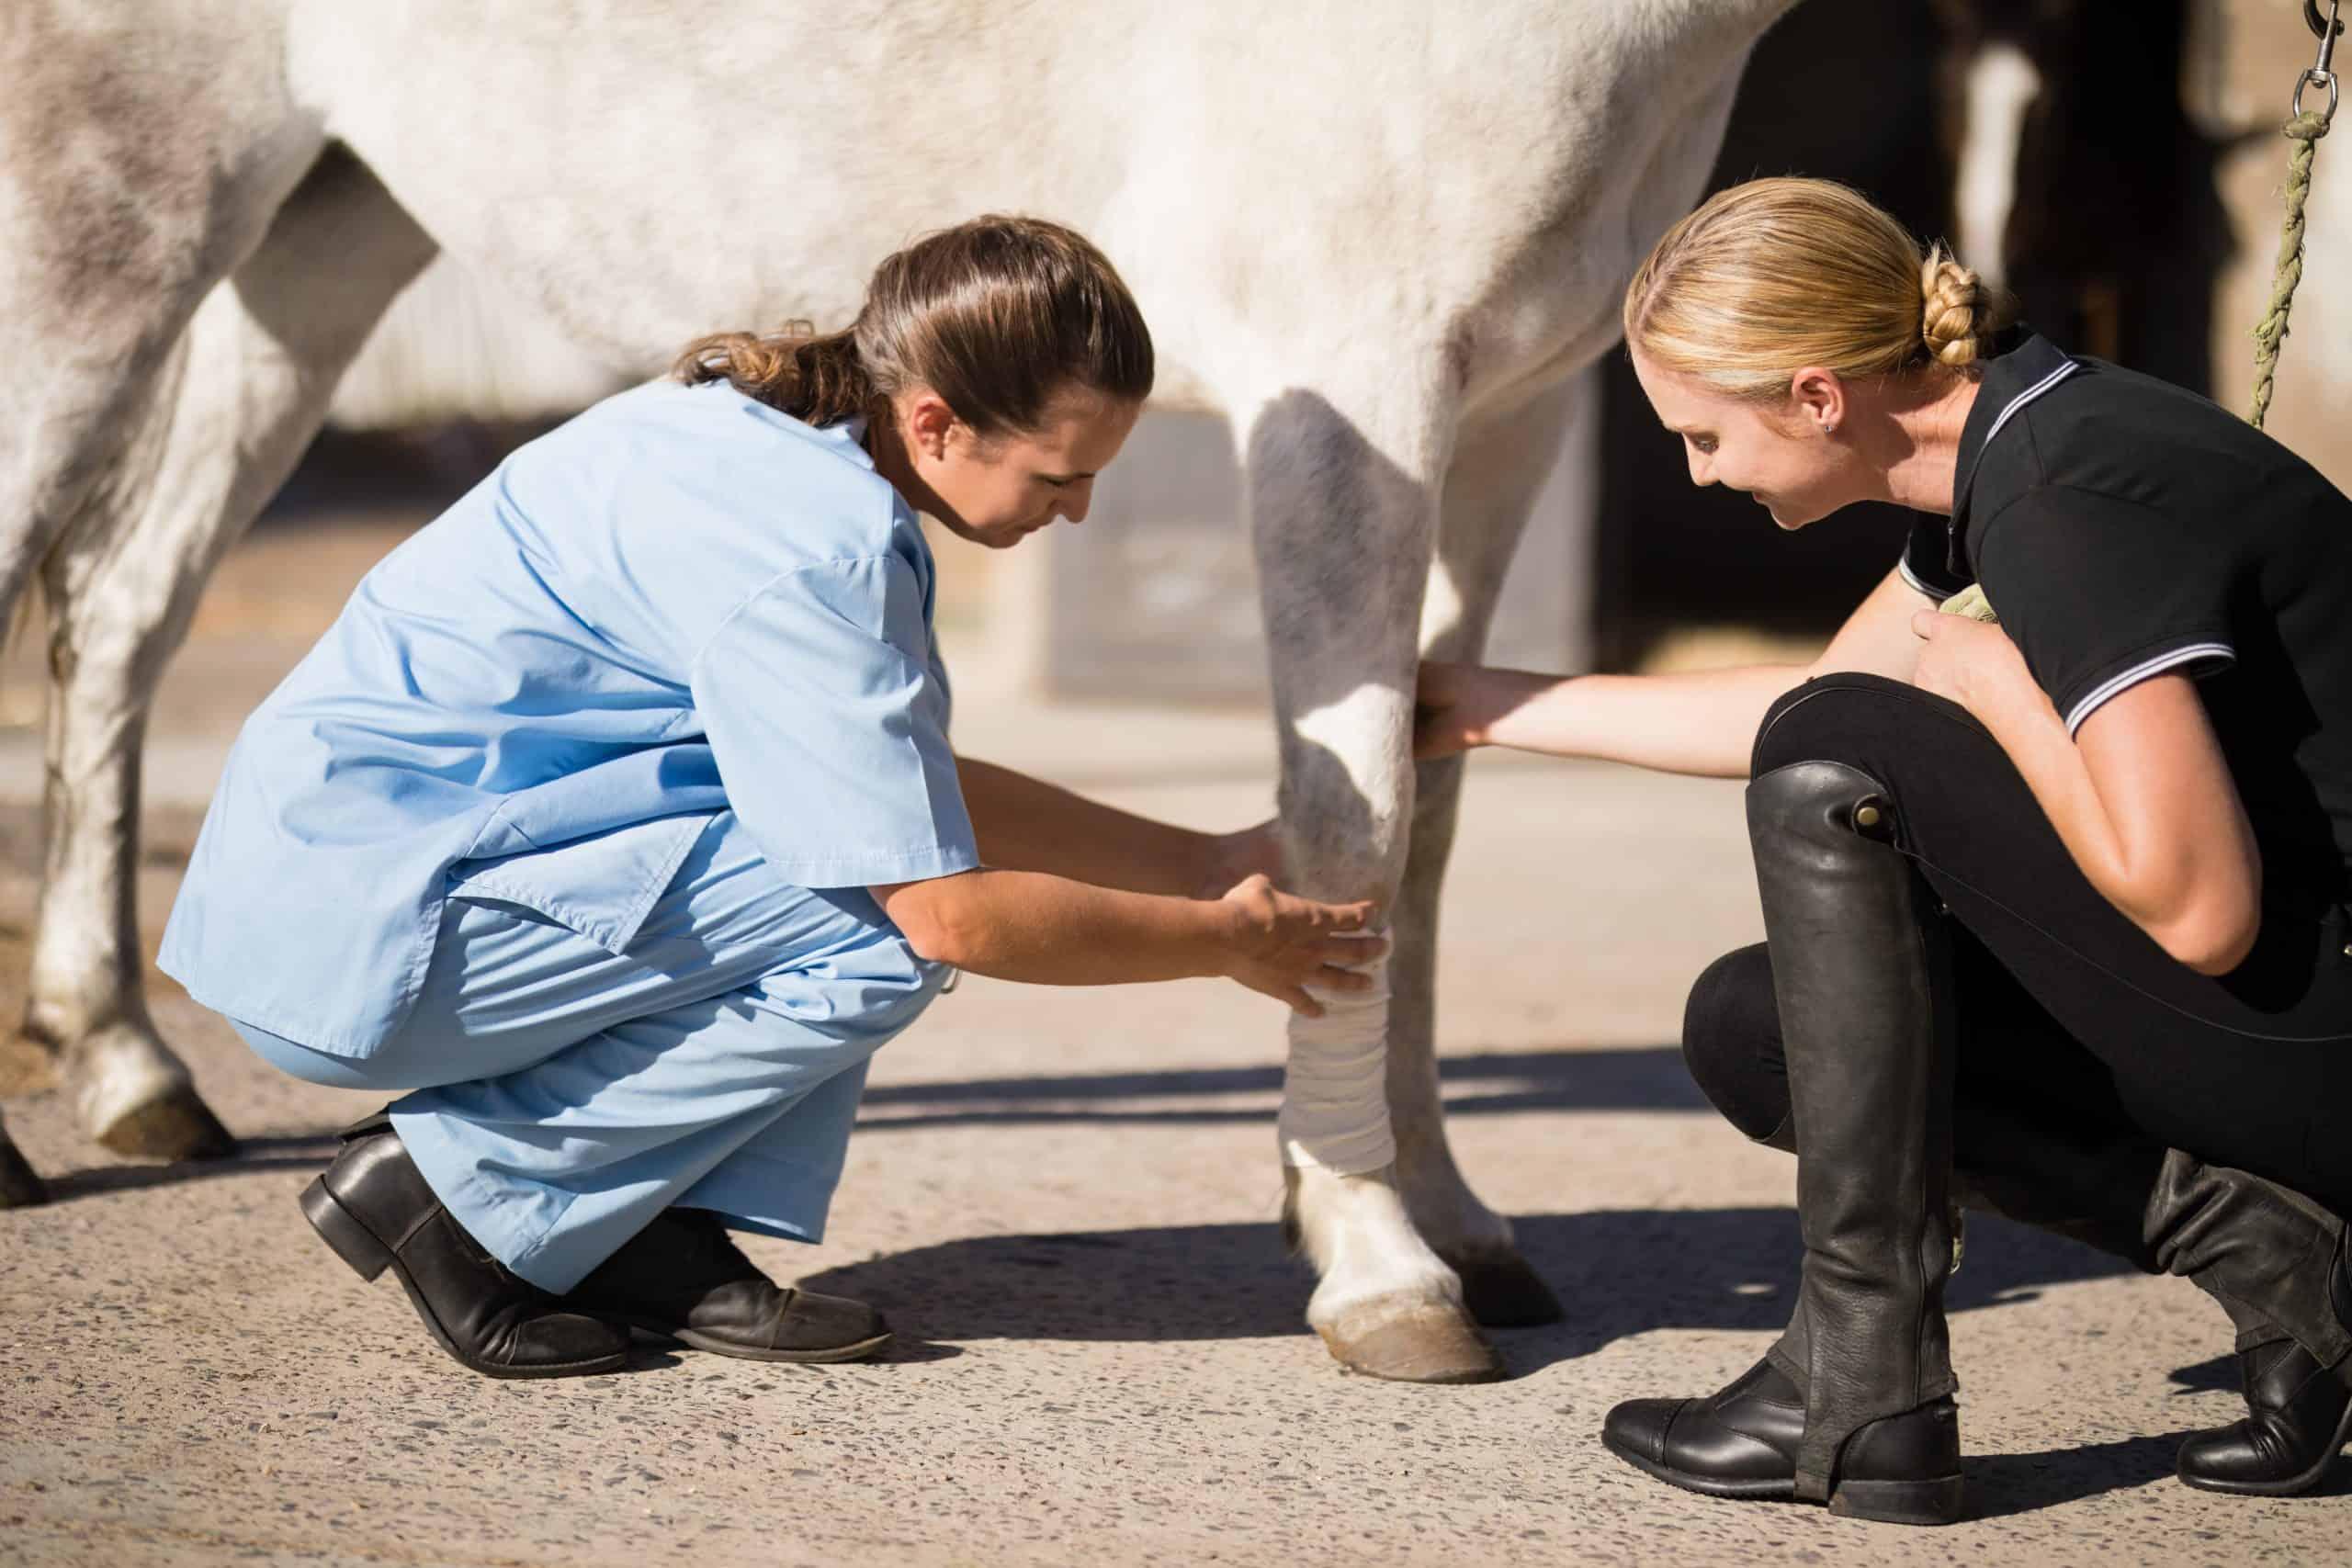 horse first aid kit bandage